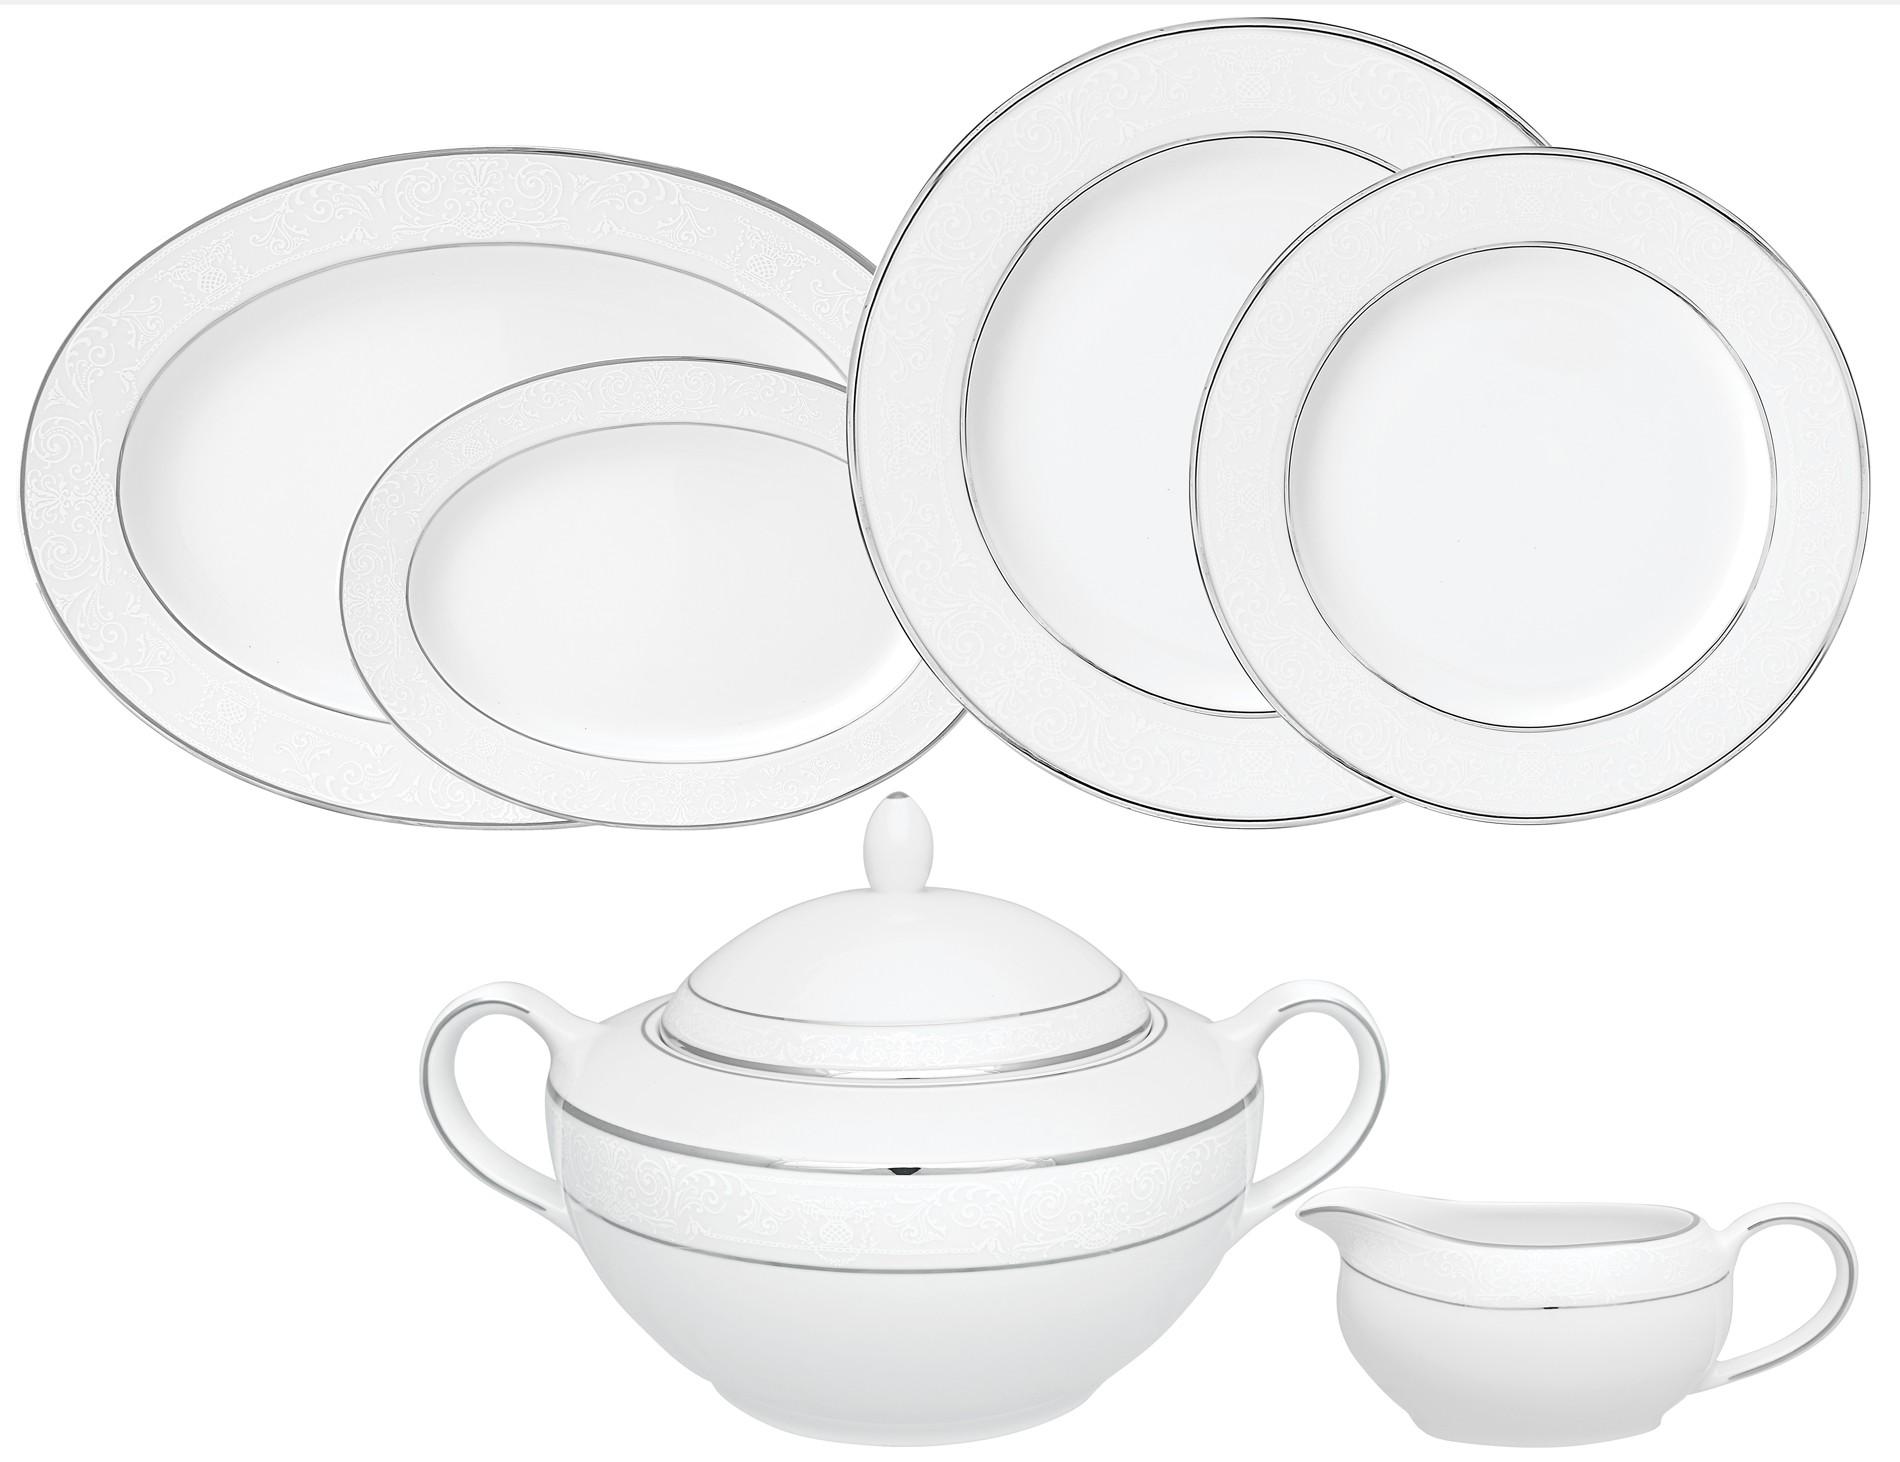 Σερβίτσιο Φαγητού Dantelle 72τμχ. Ionia home   ειδη σερβιρισματος   πιάτα